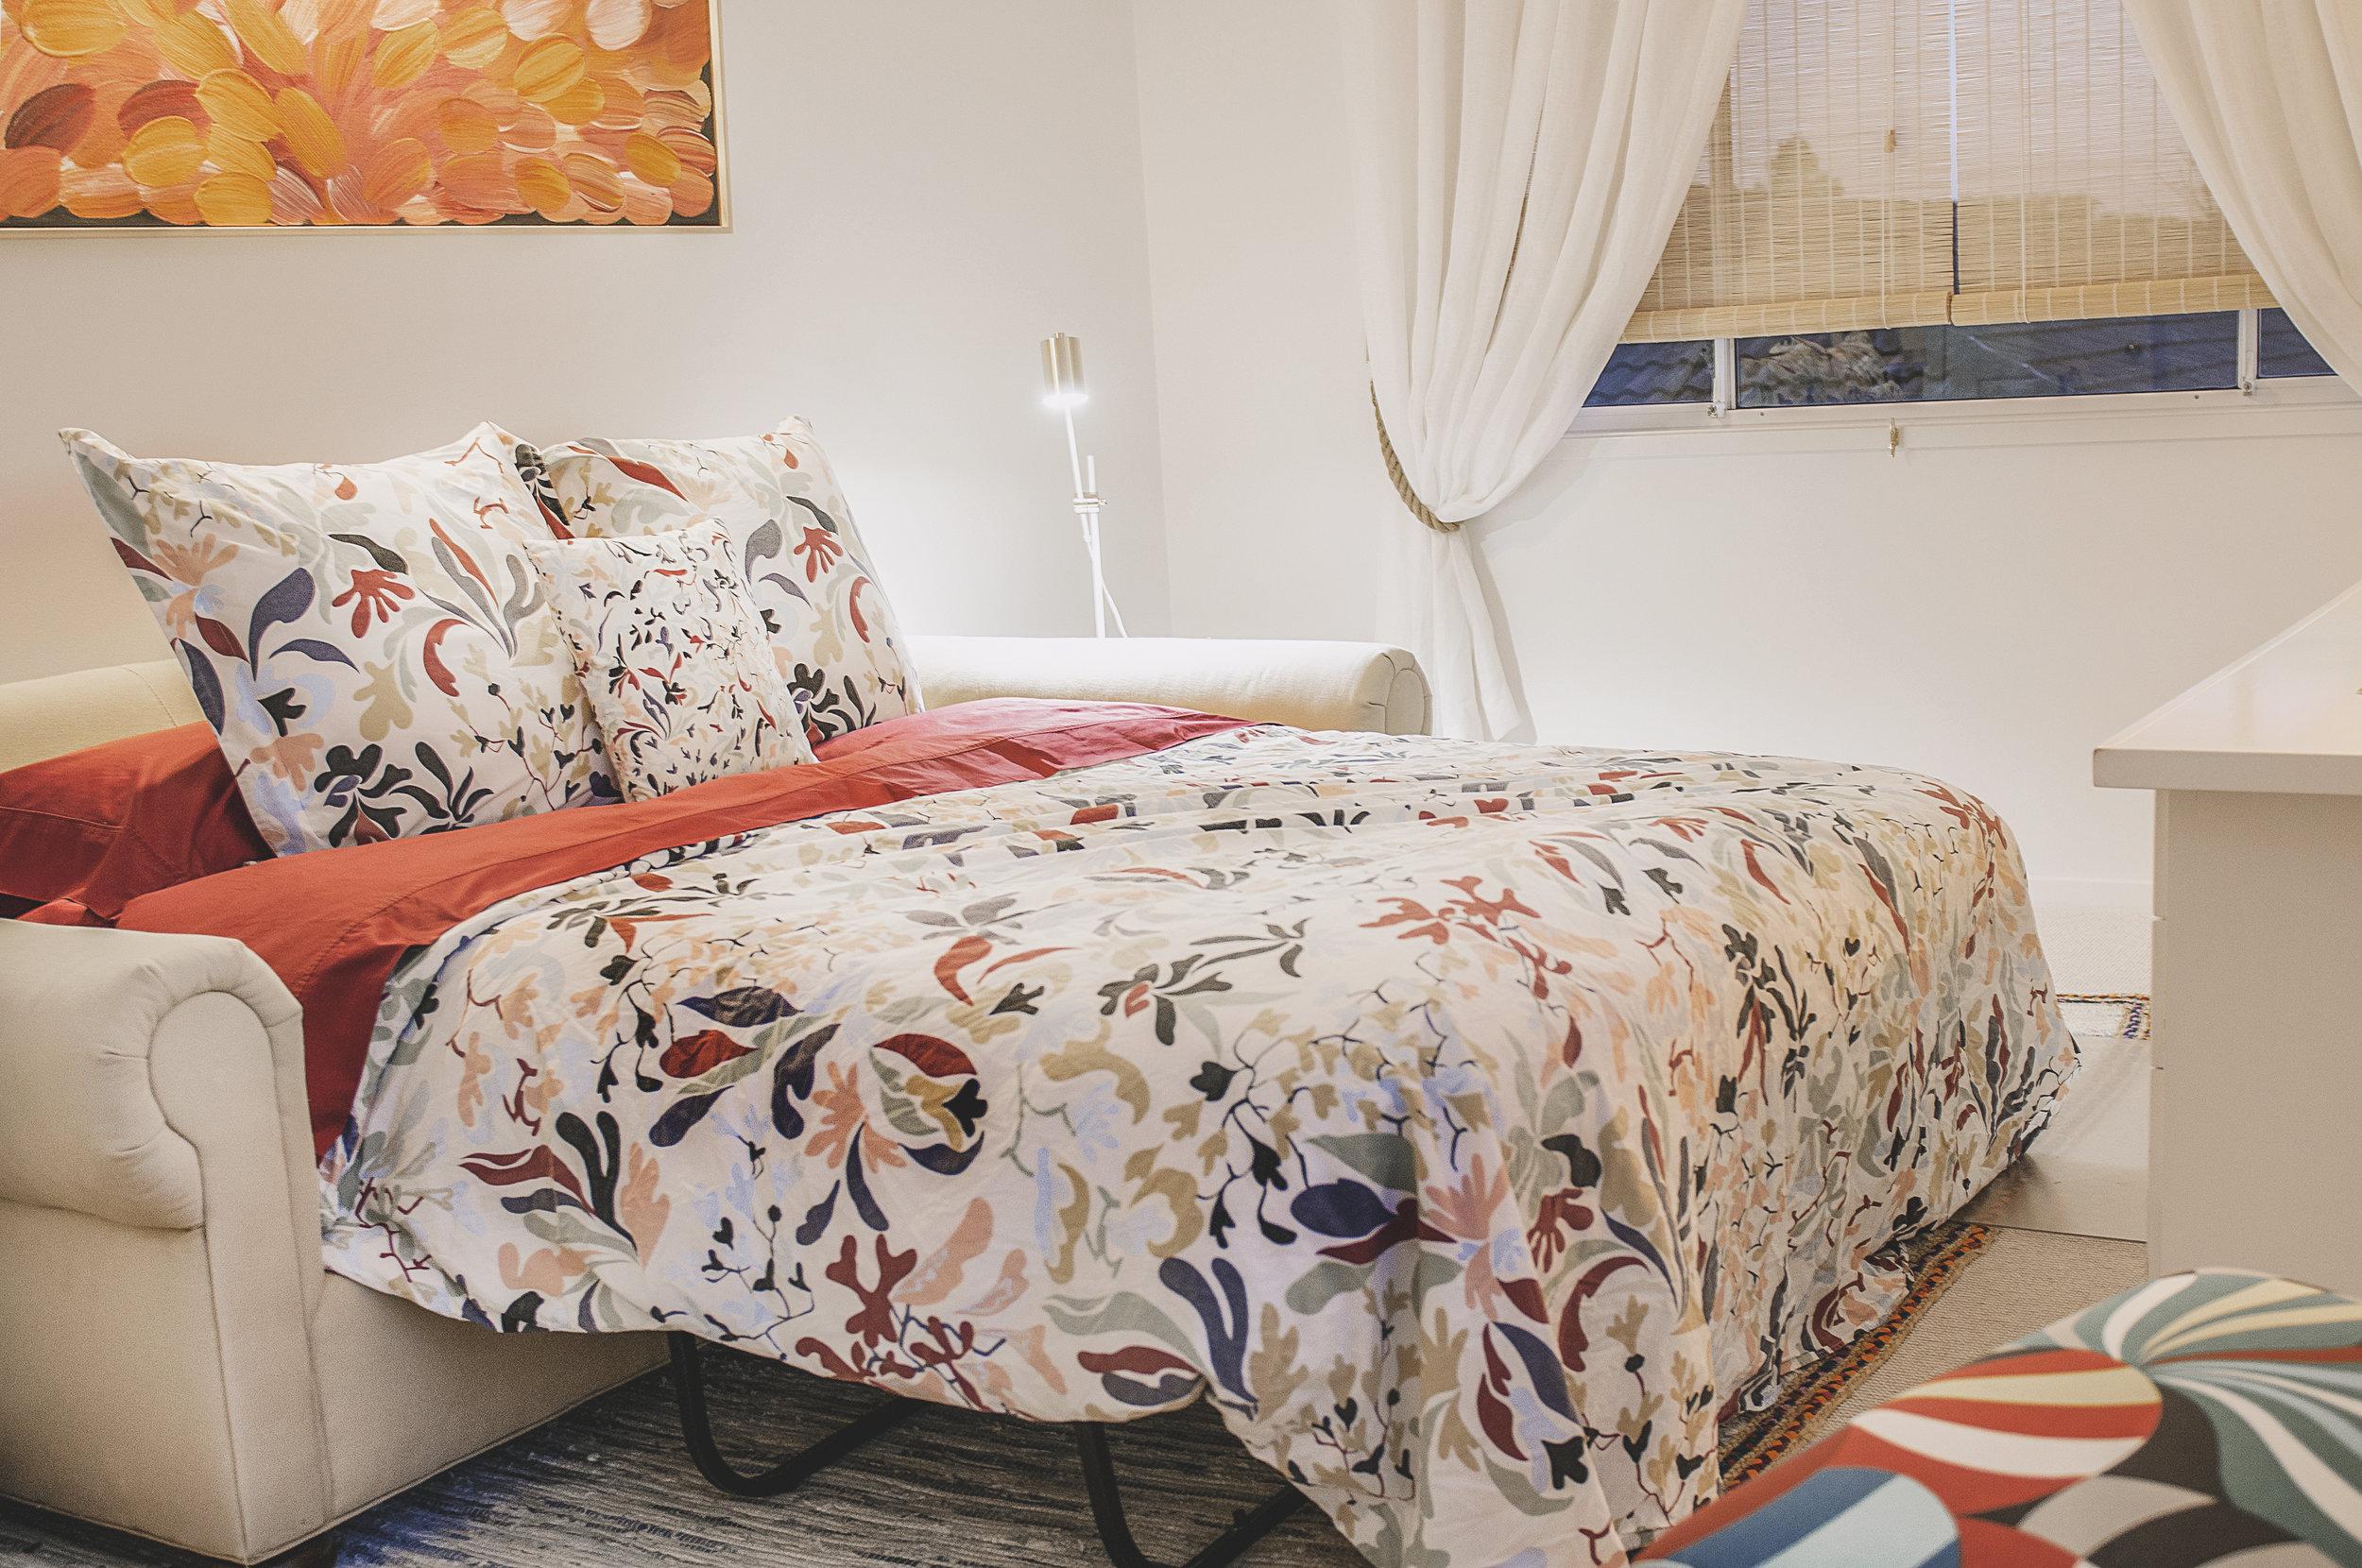 Barellen 12 Bedroom 6 Office Queen Sofa Bed DSC_6887.jpg